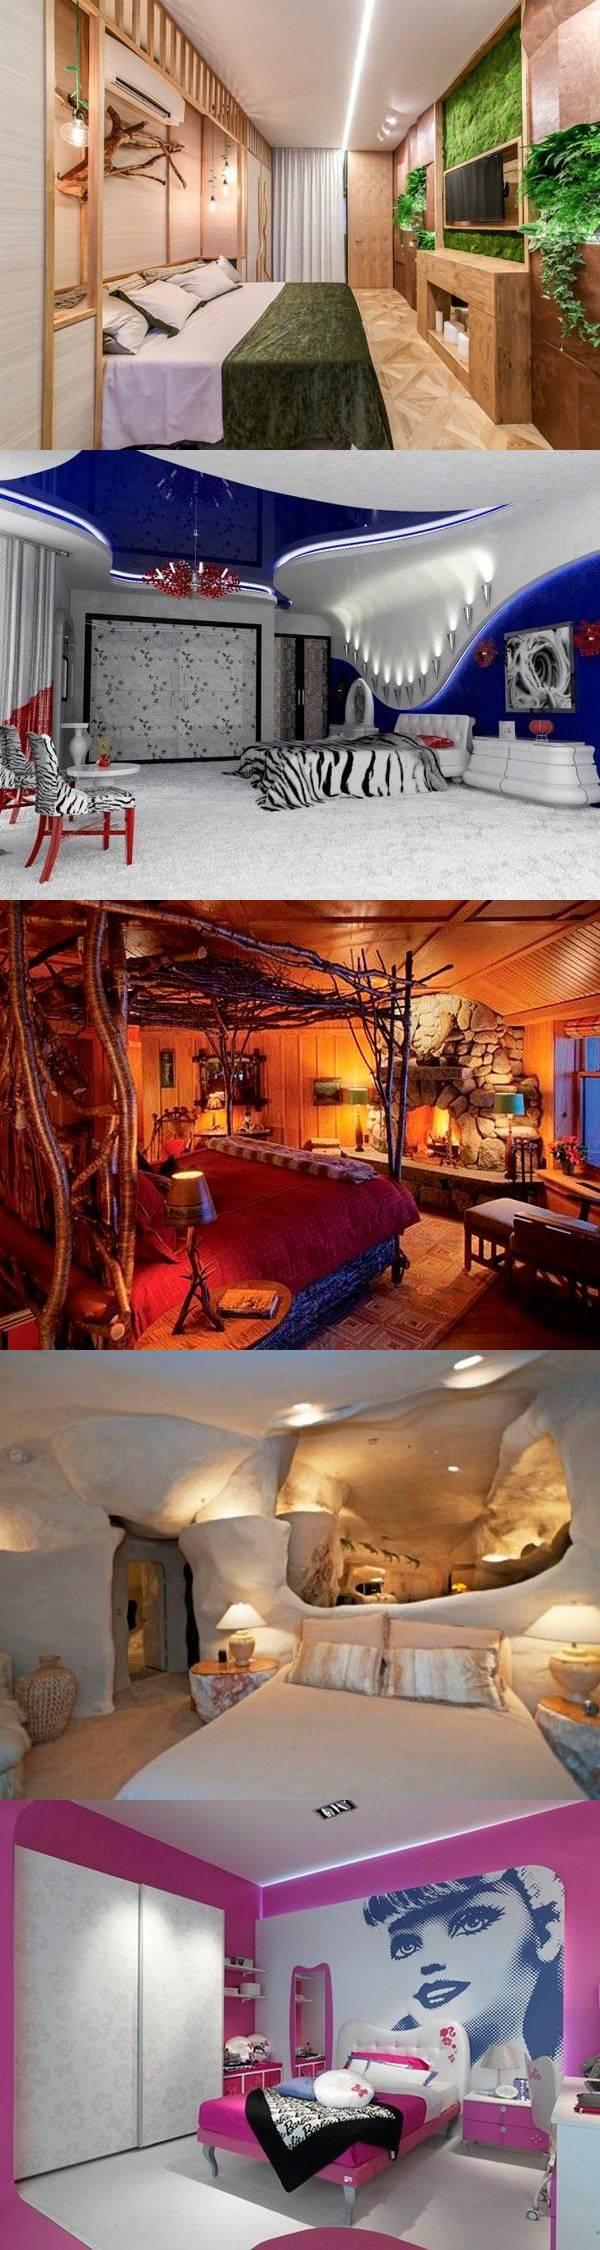 25 идей оригинального дизайна спальни